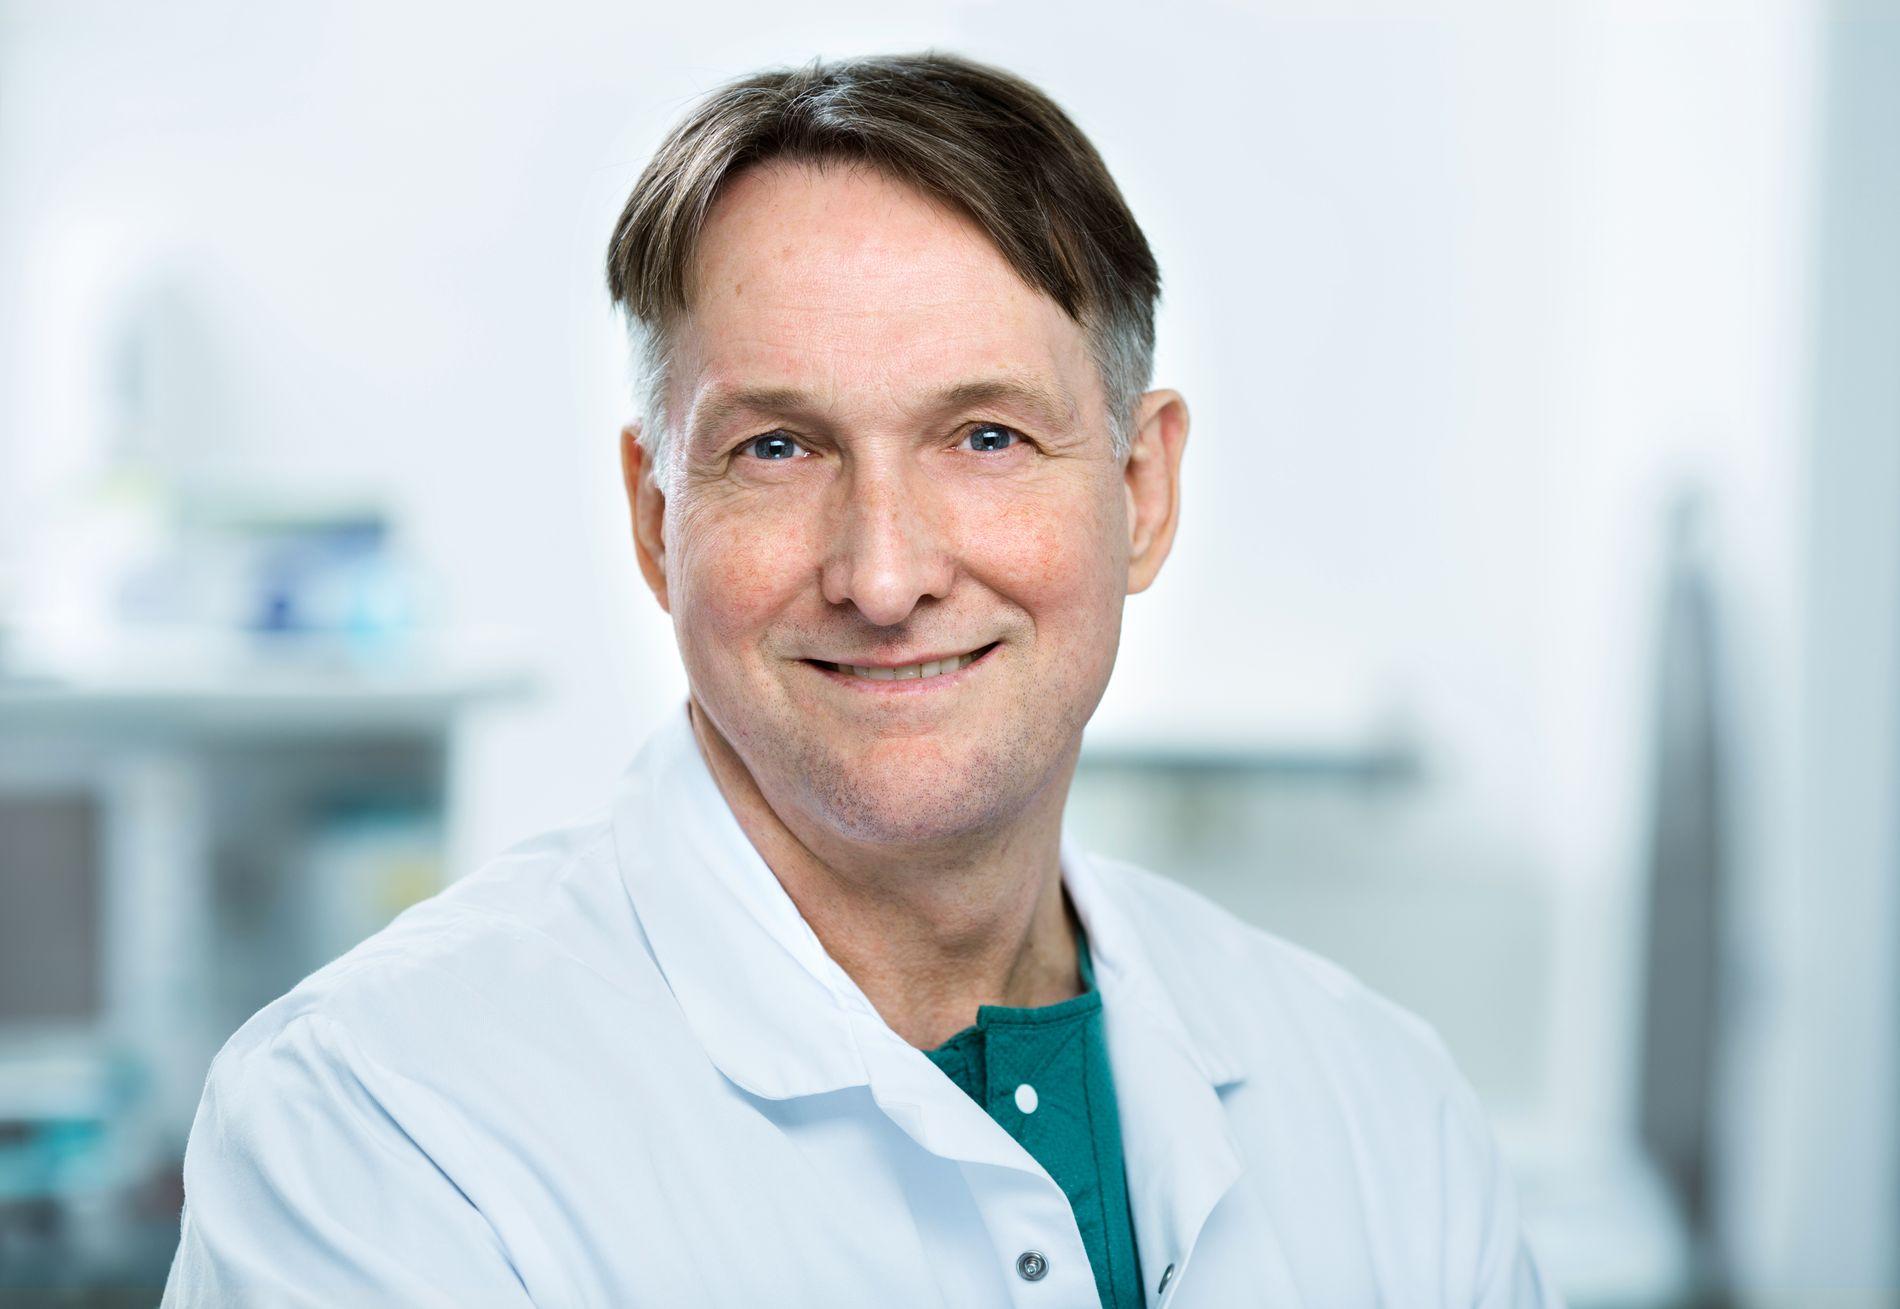 EKSPERT: Kirurg Hjørtur Gislason forteller at overvektige kjemper mot et hormonsystem i ubalanse.